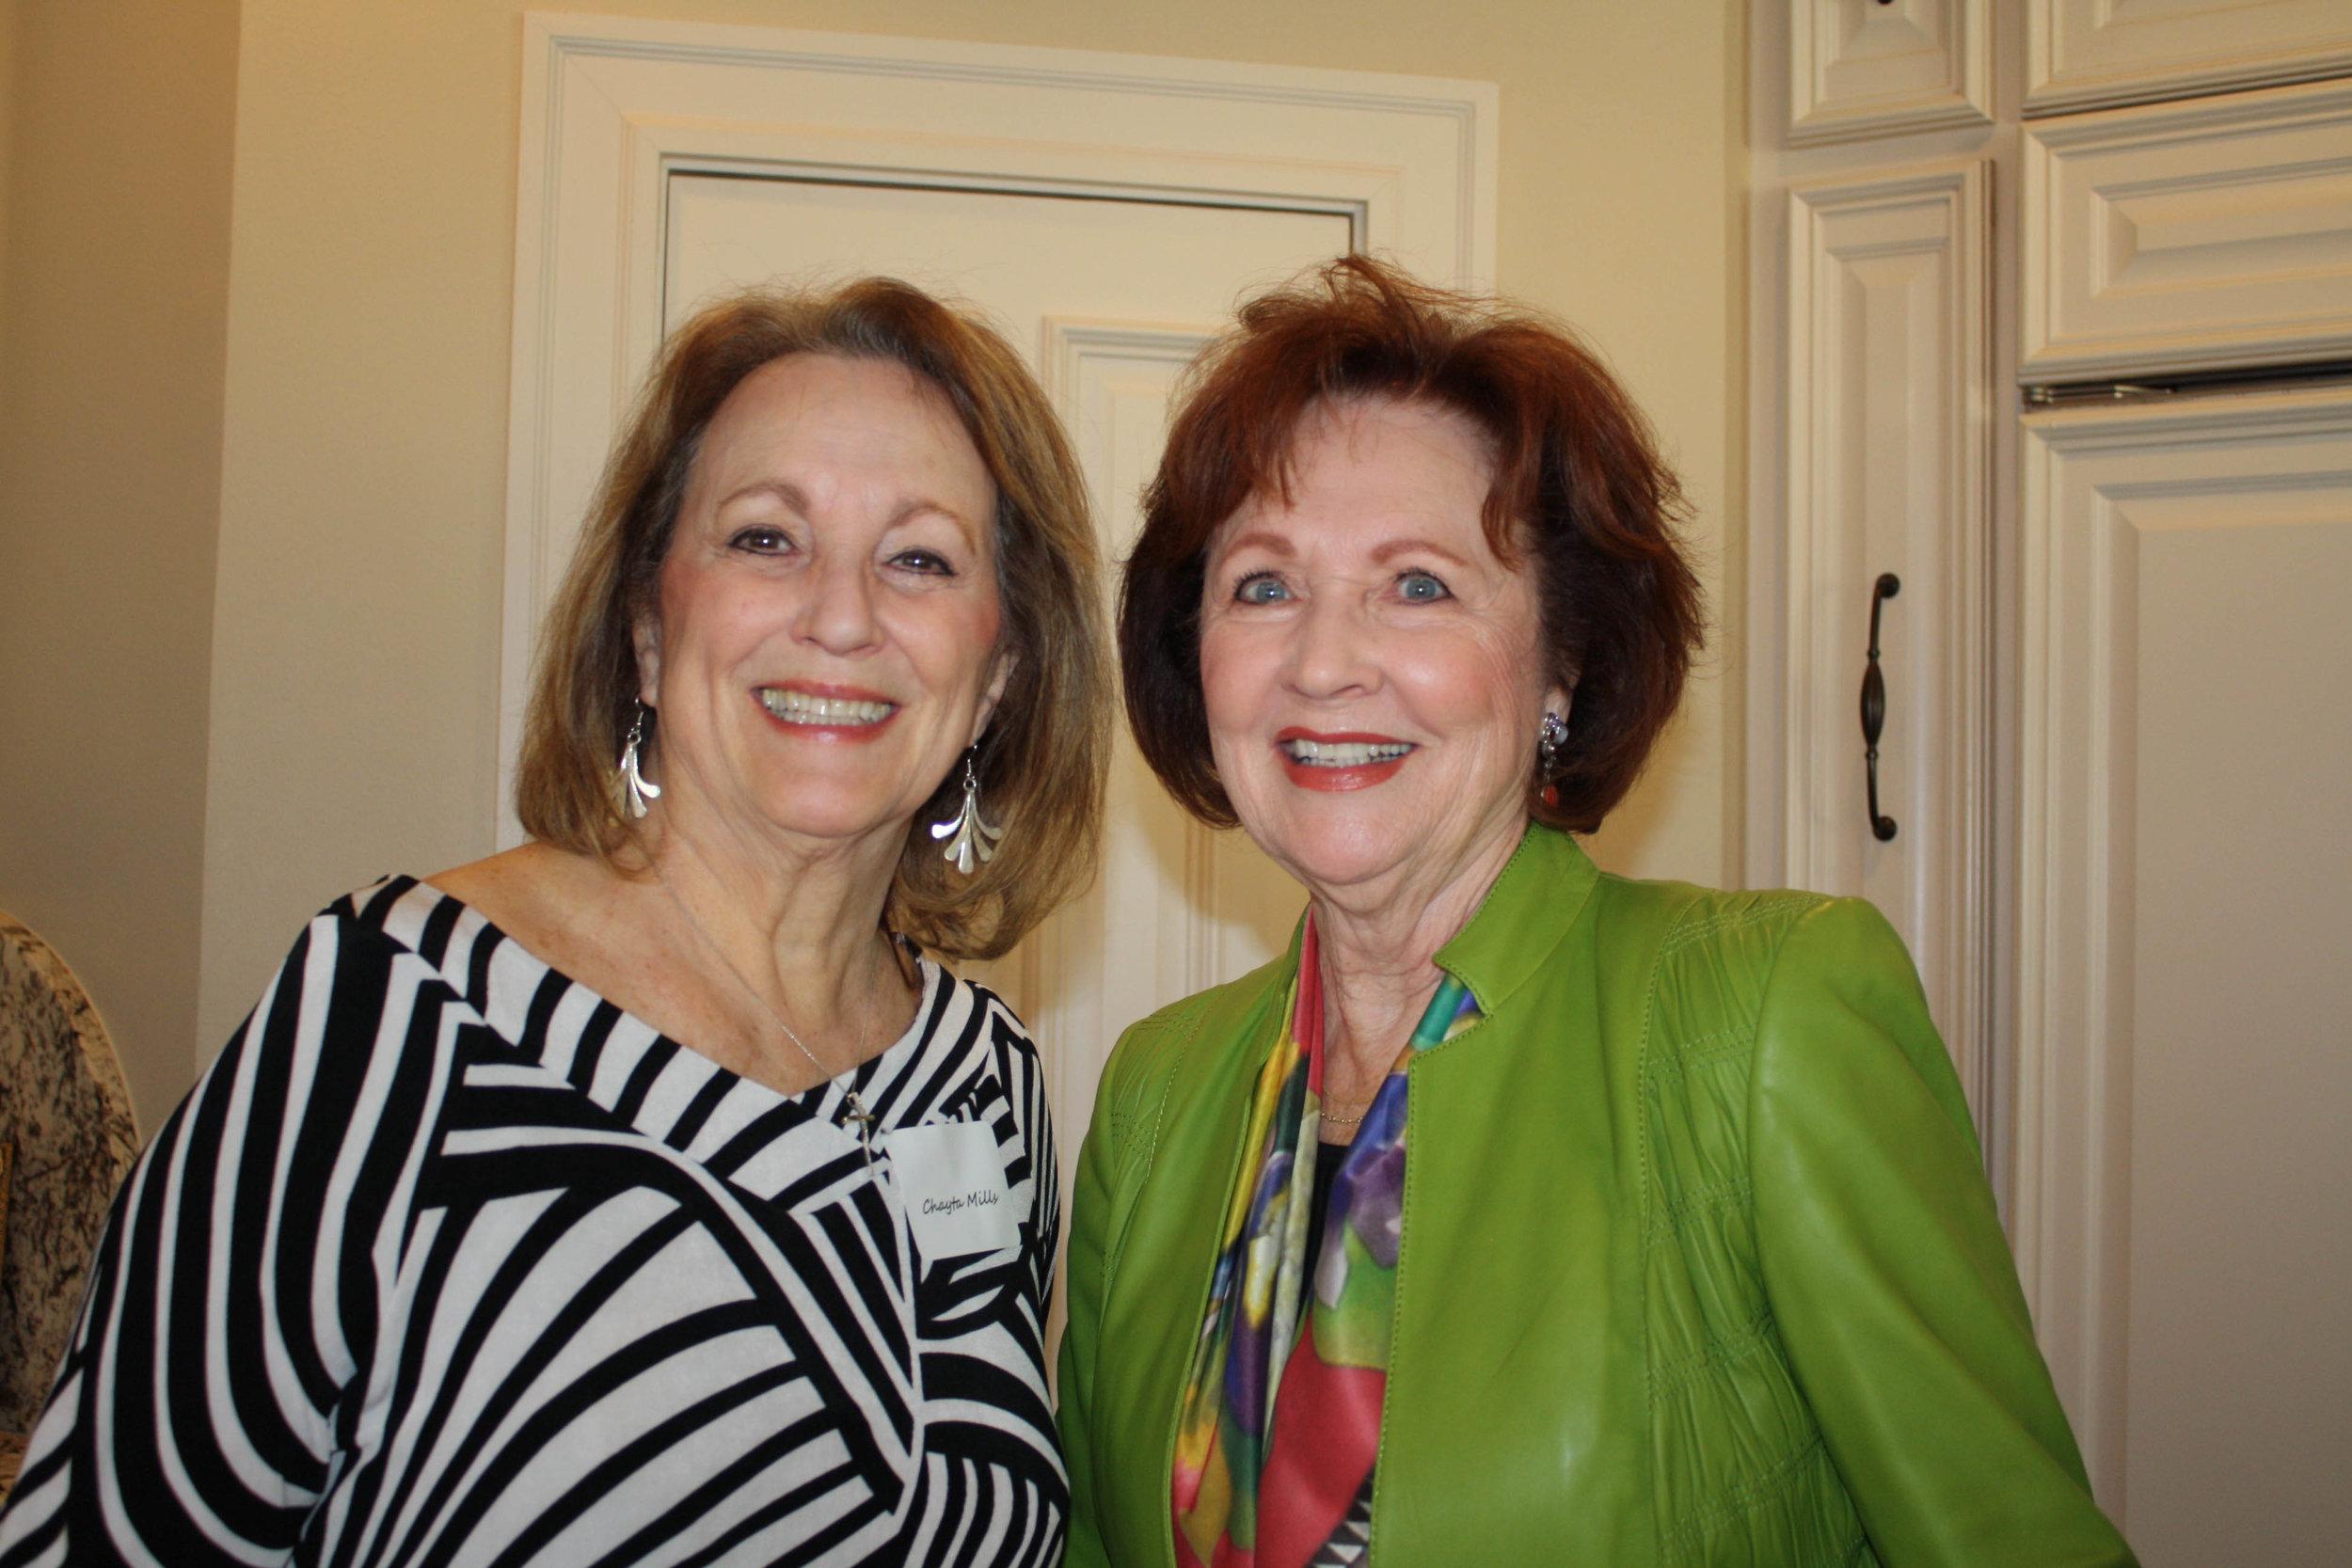 Chayta Mills and FaEllen Yates